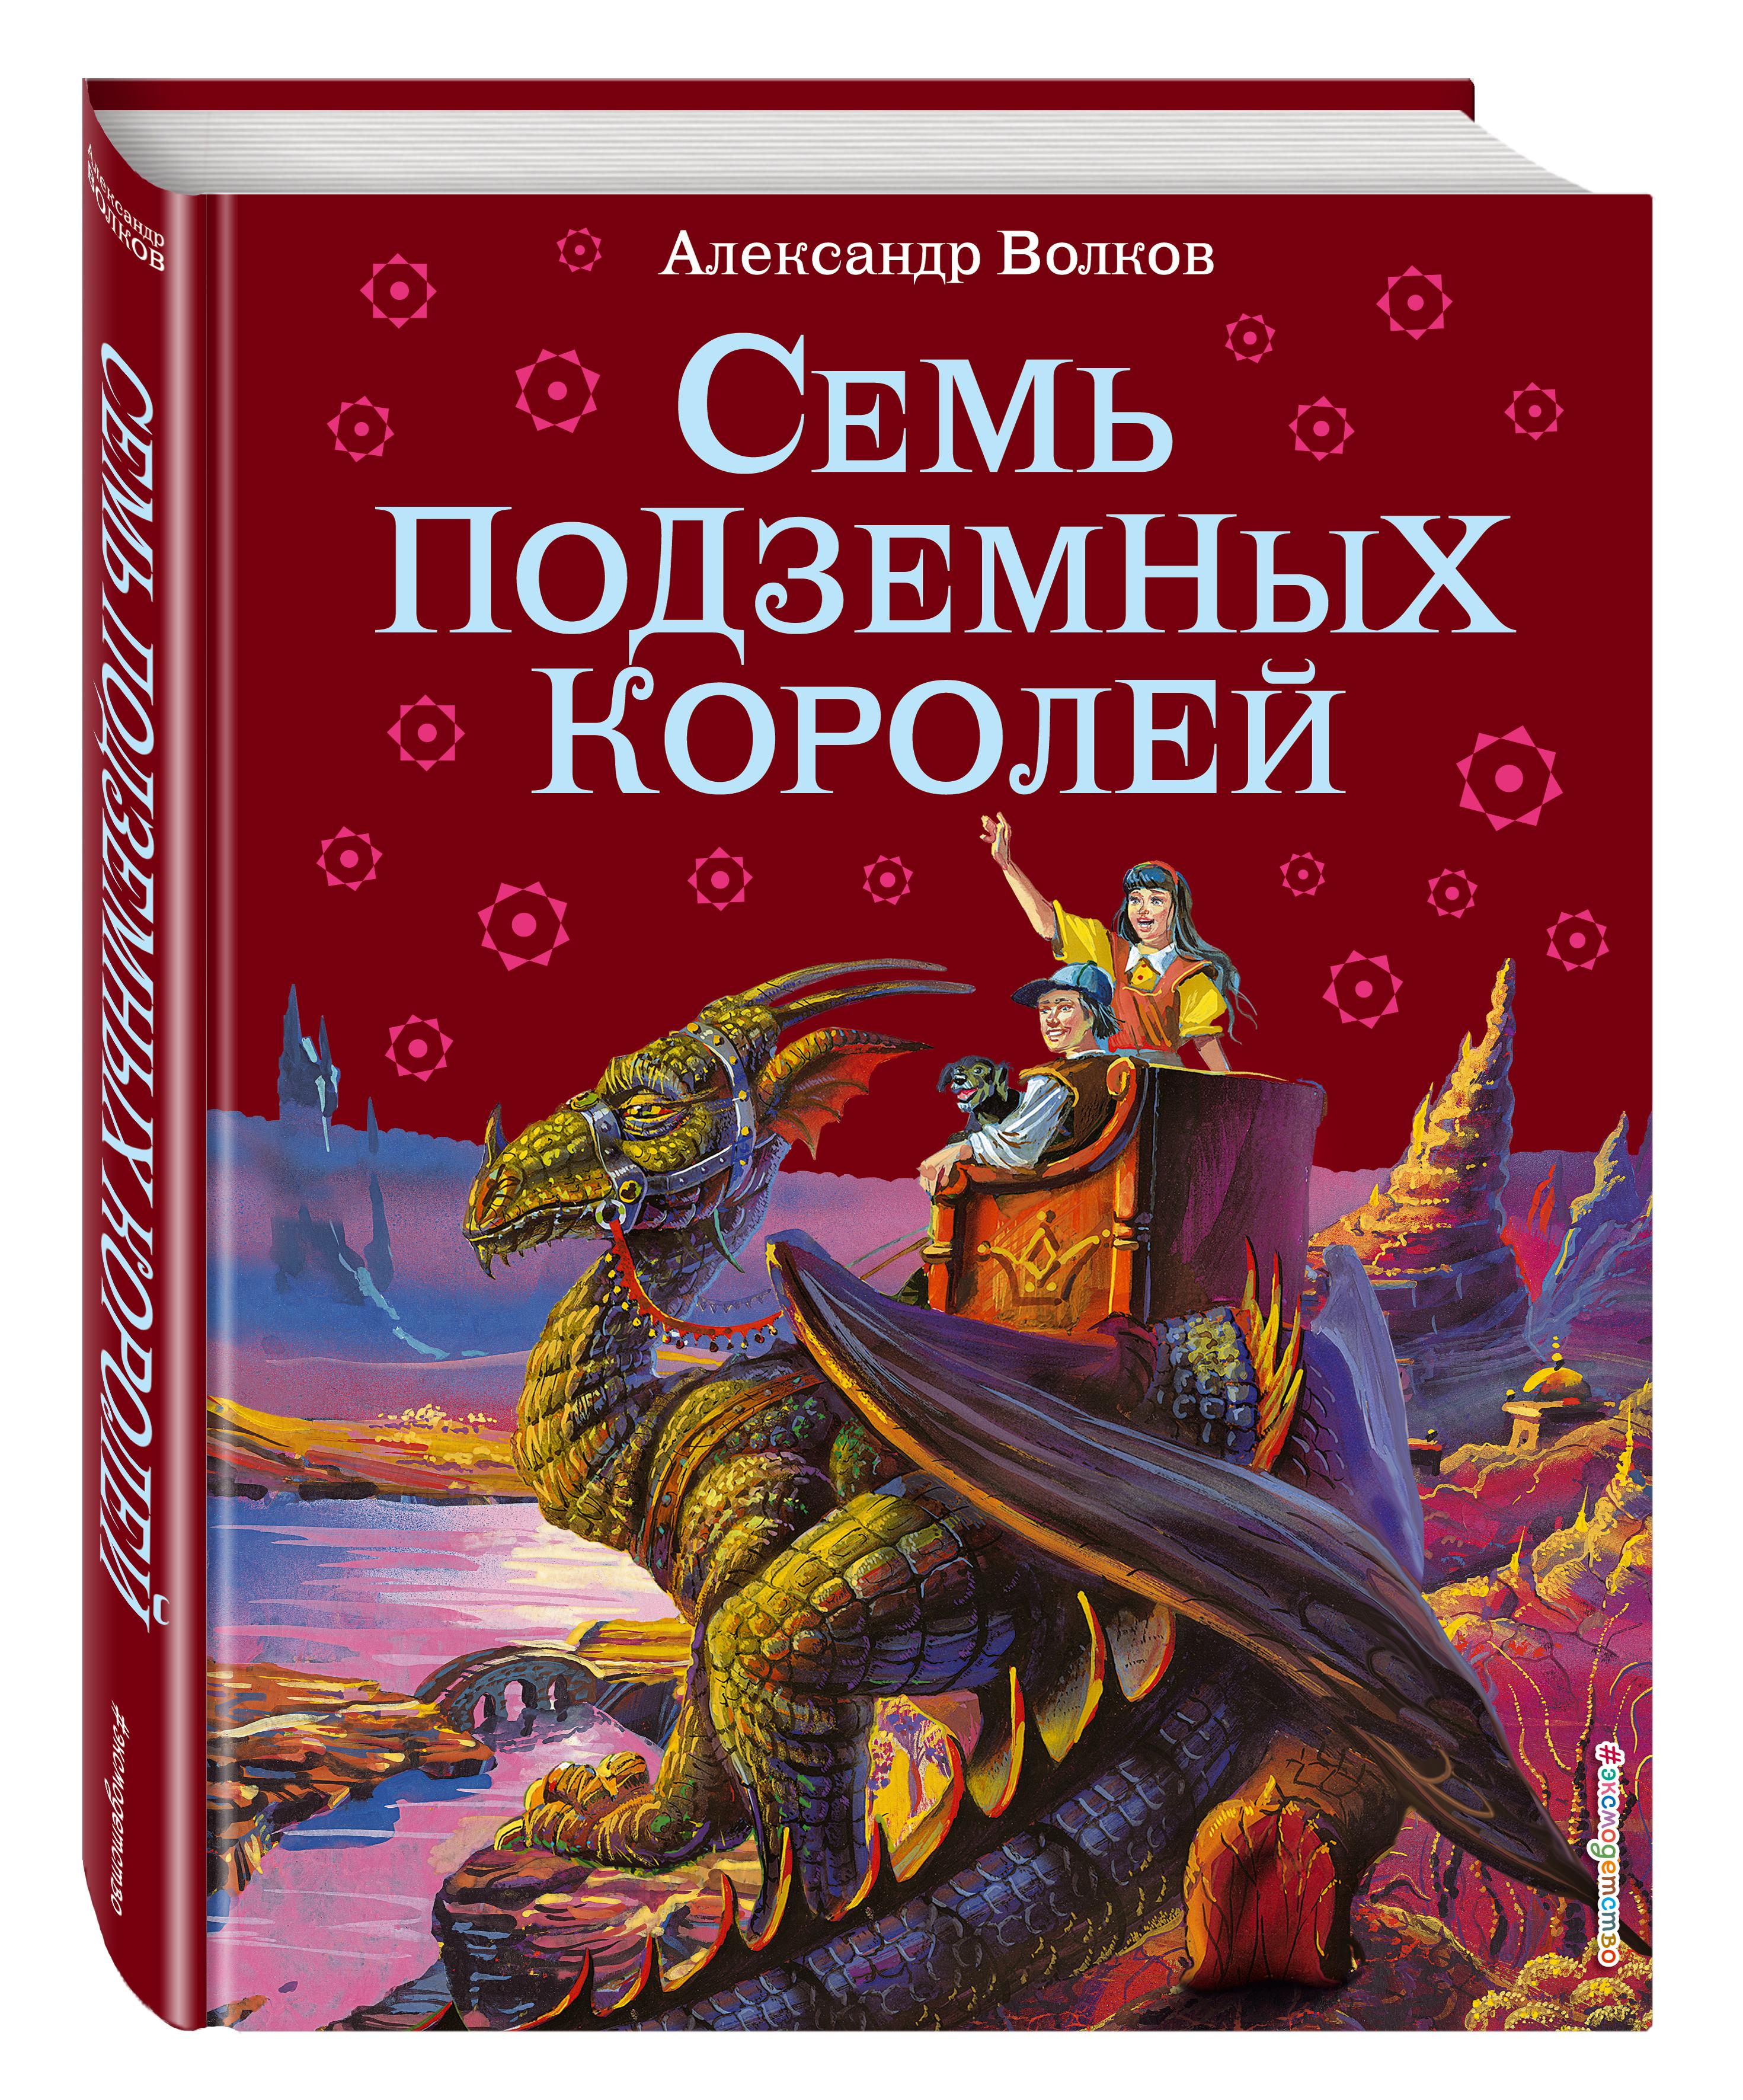 Волков А.М. Семь подземных королей художественные книги росмэн волков александр семь подземных королей